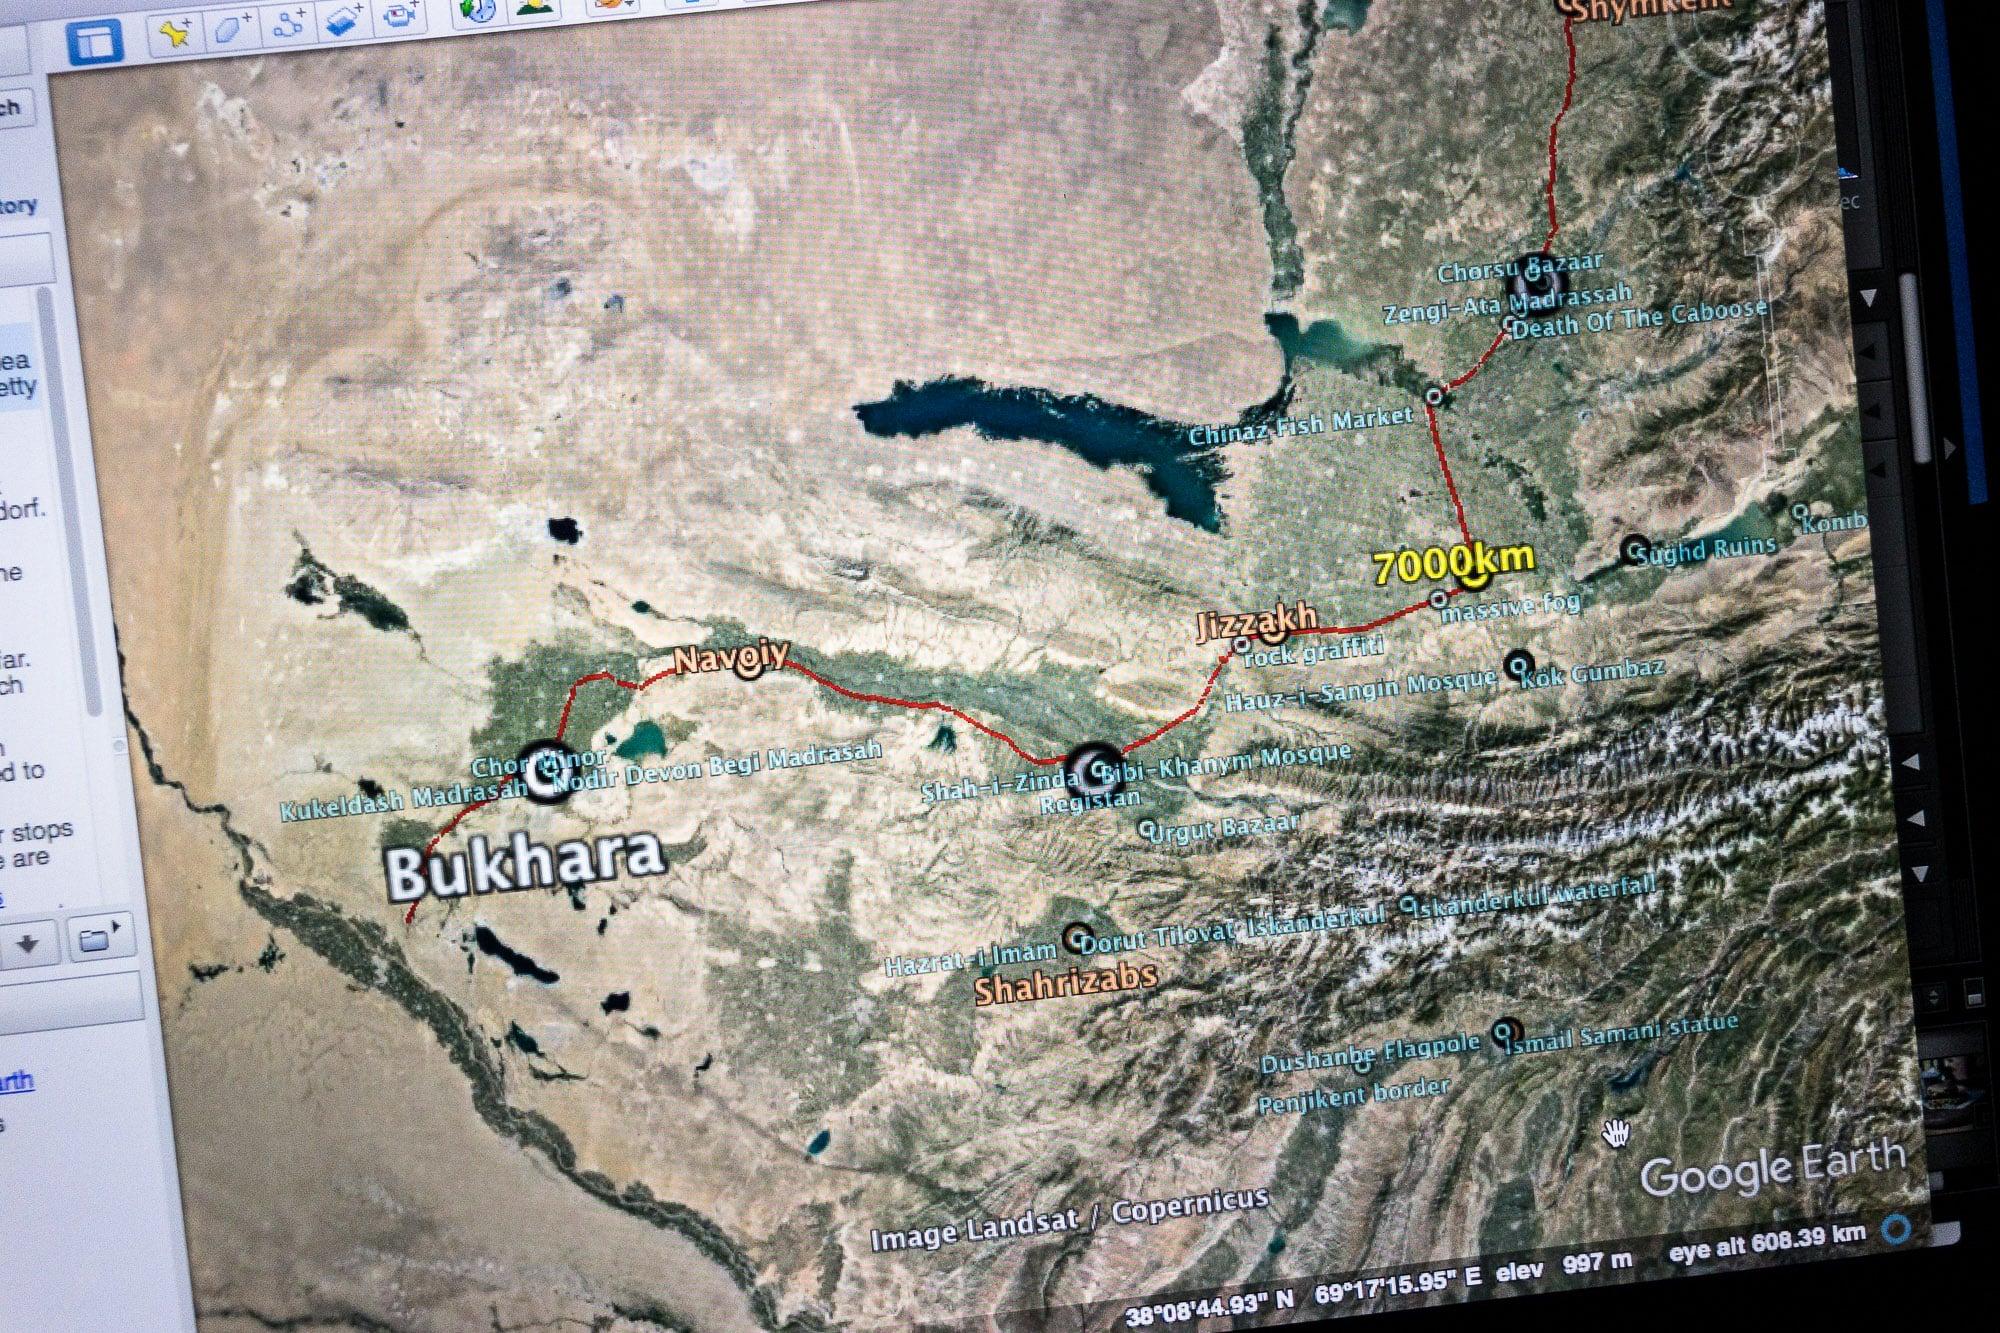 Google Earth file up close